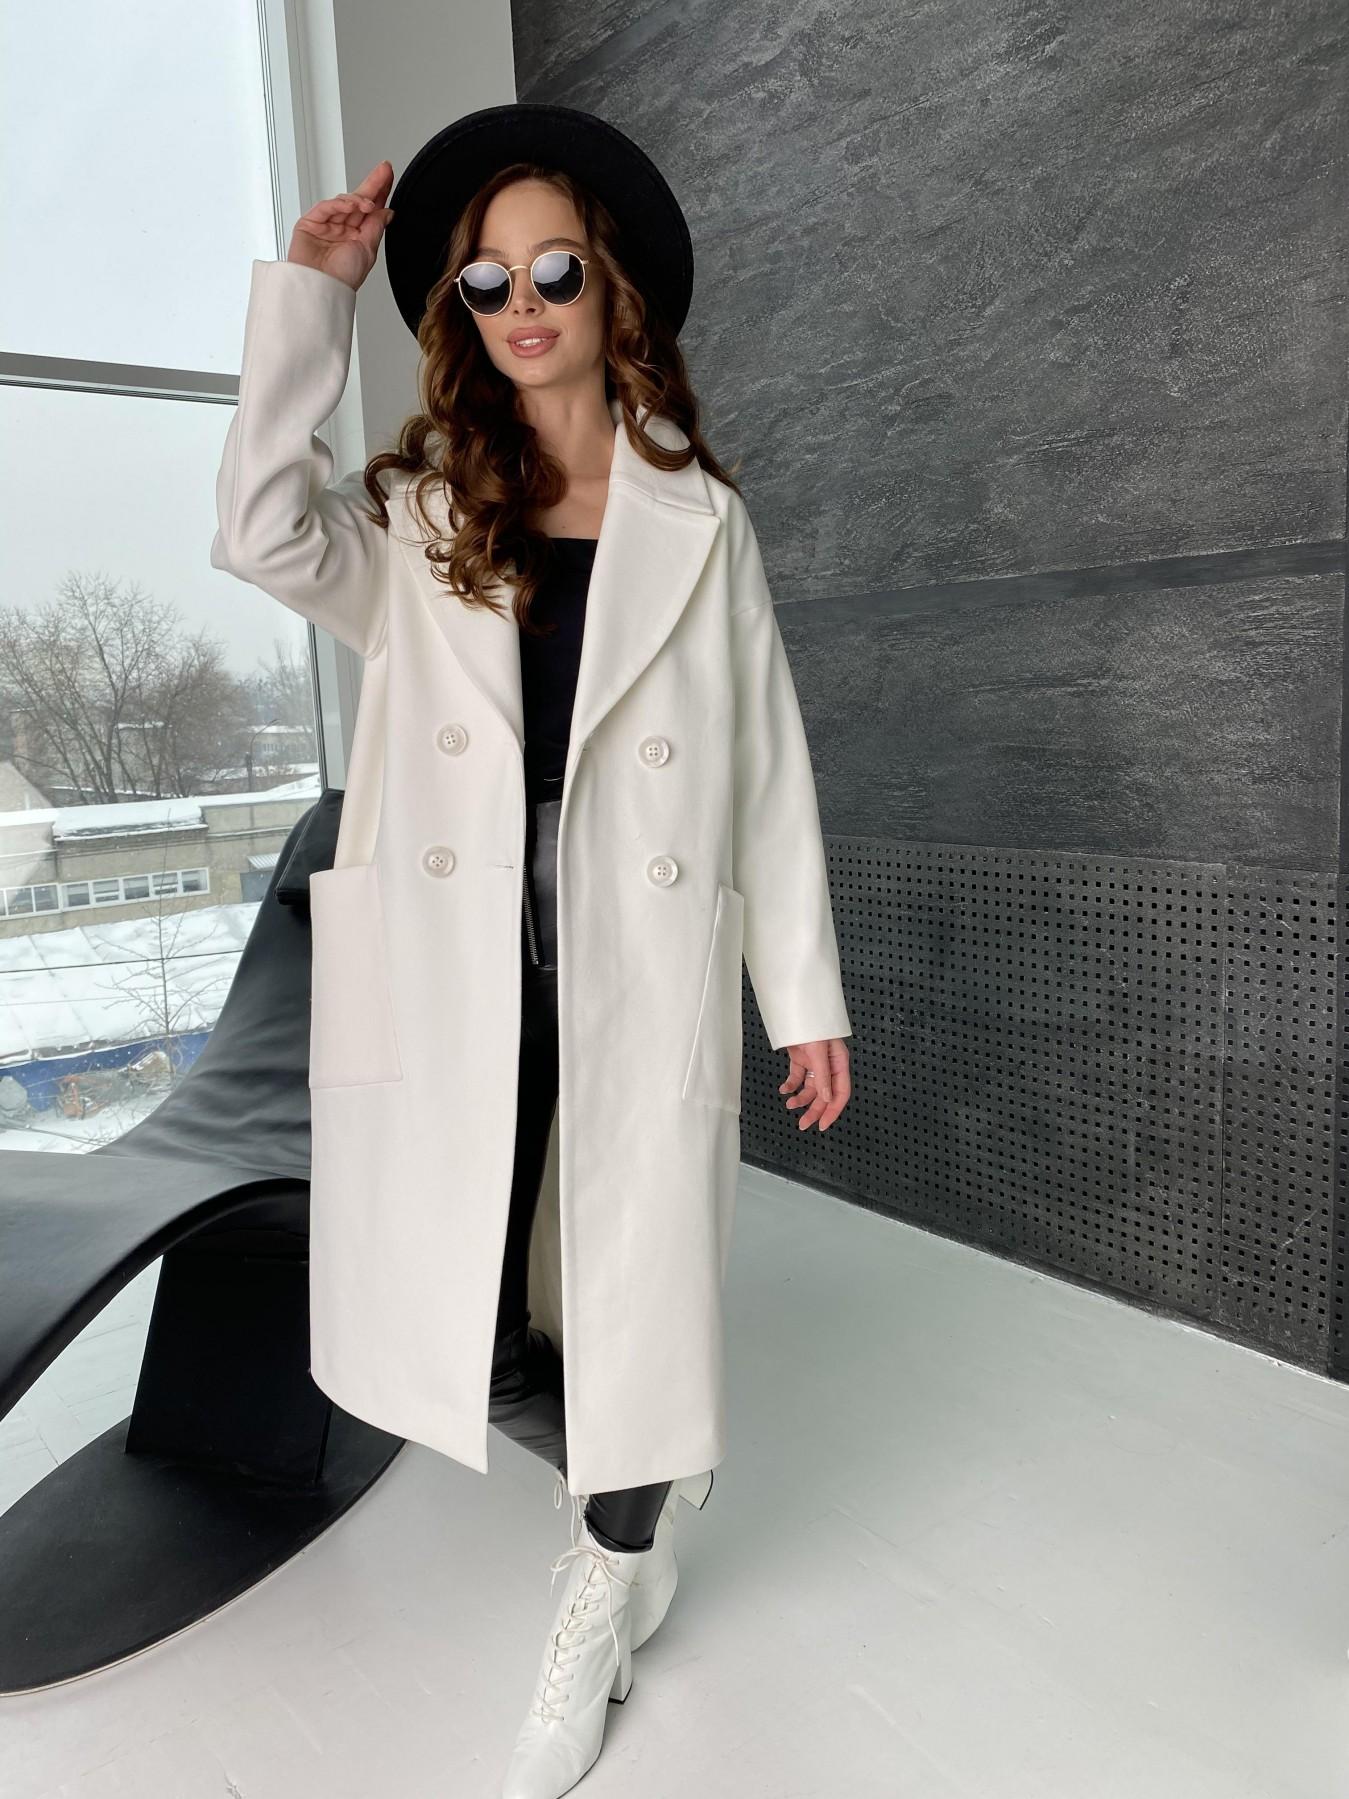 Свайп макси пальто из кашемира 10617 АРТ. 46996 Цвет: Молоко - фото 2, интернет магазин tm-modus.ru